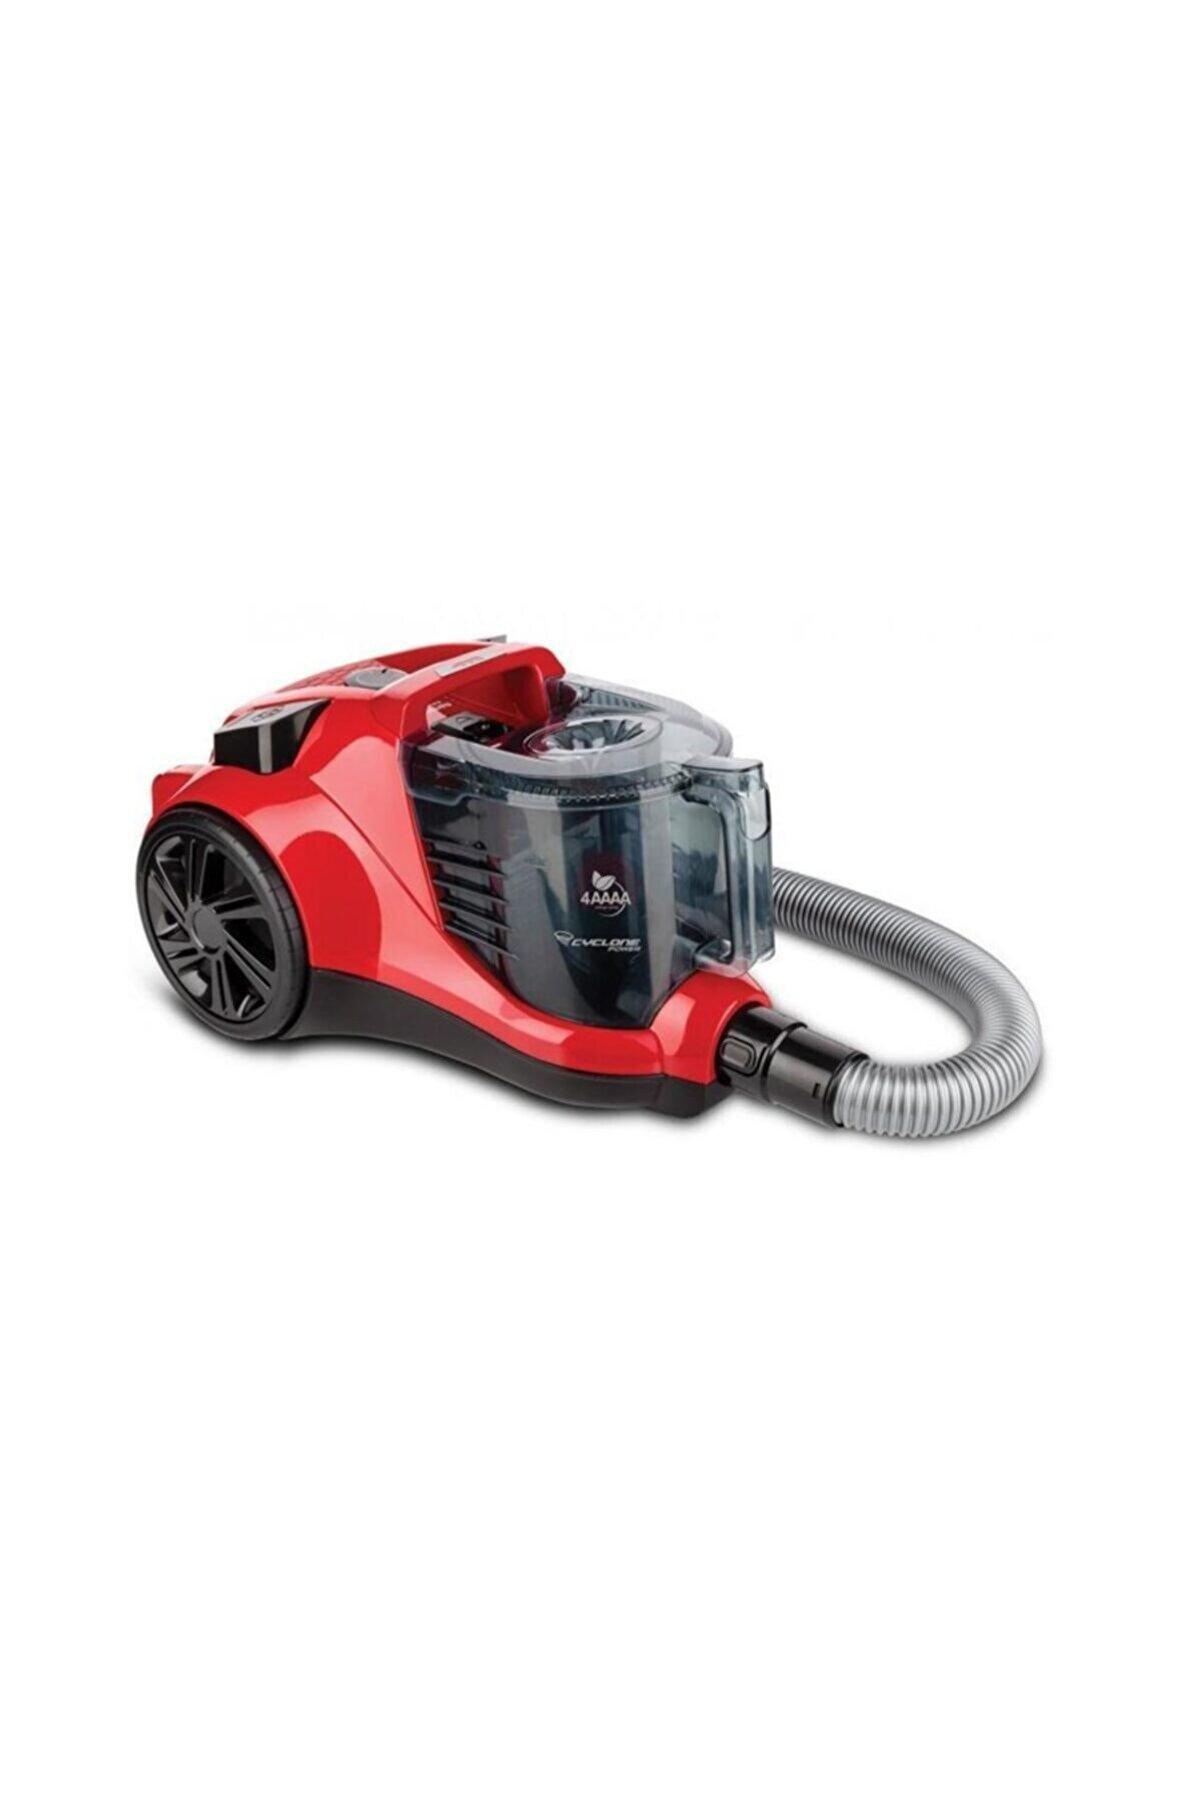 Fakir Ranger Electronic Elektrikli Süpürge (Kırmızı Renk)